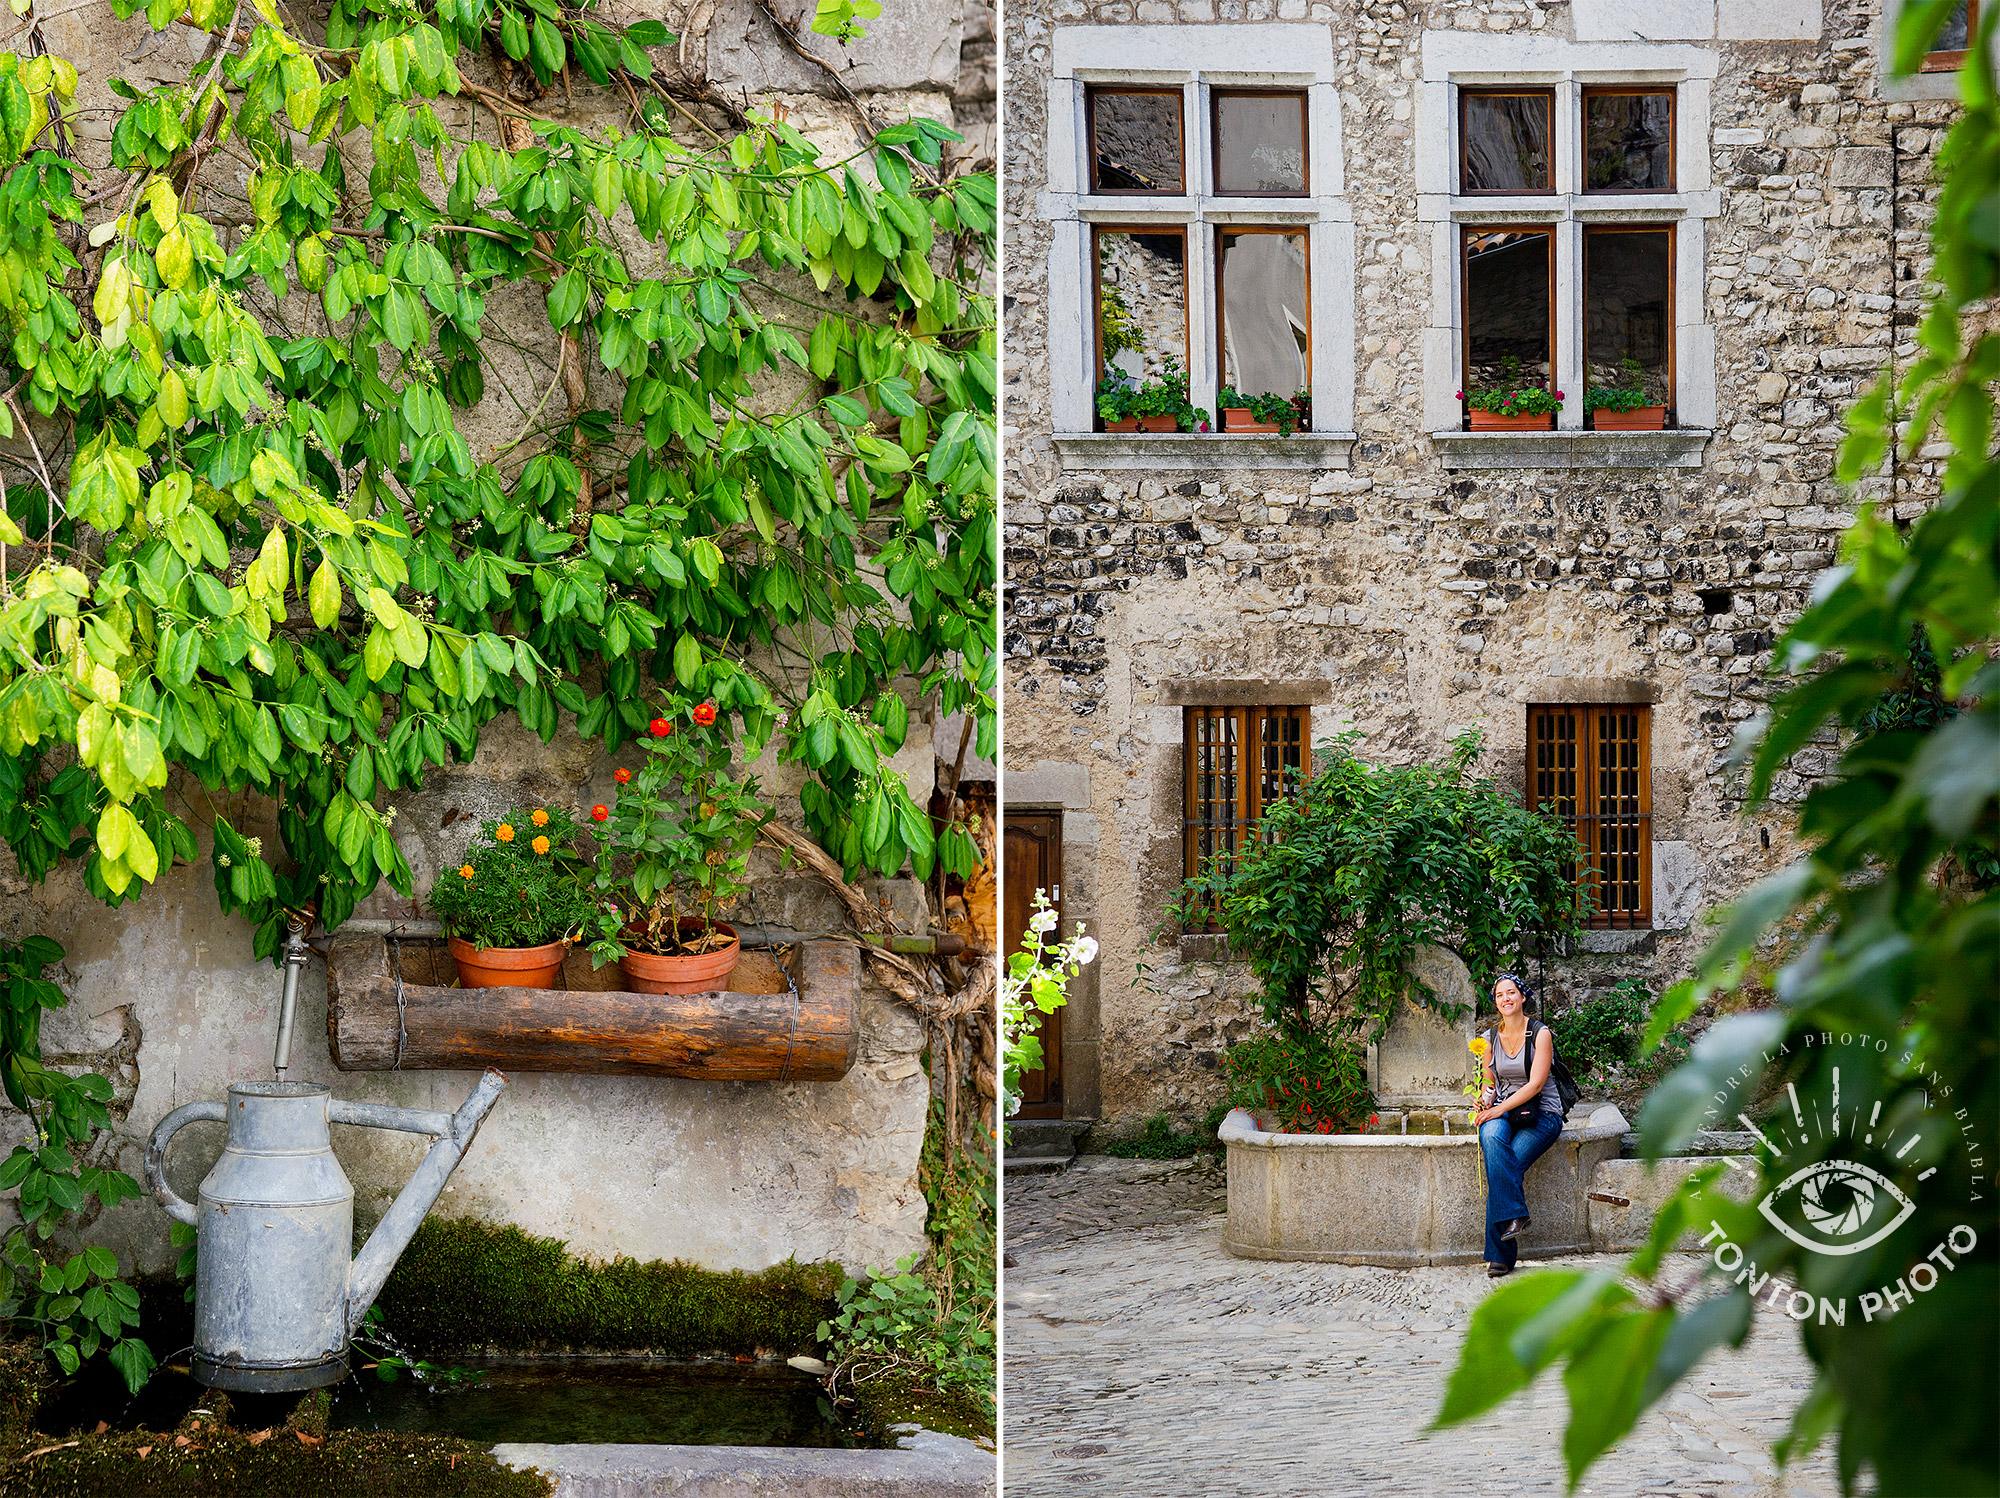 """Châtillon-en-Diois, l'un des nombreux villages labellisés """"Plus beau village de France"""" de la Drôme © Clément Racineux / Tonton Photo"""